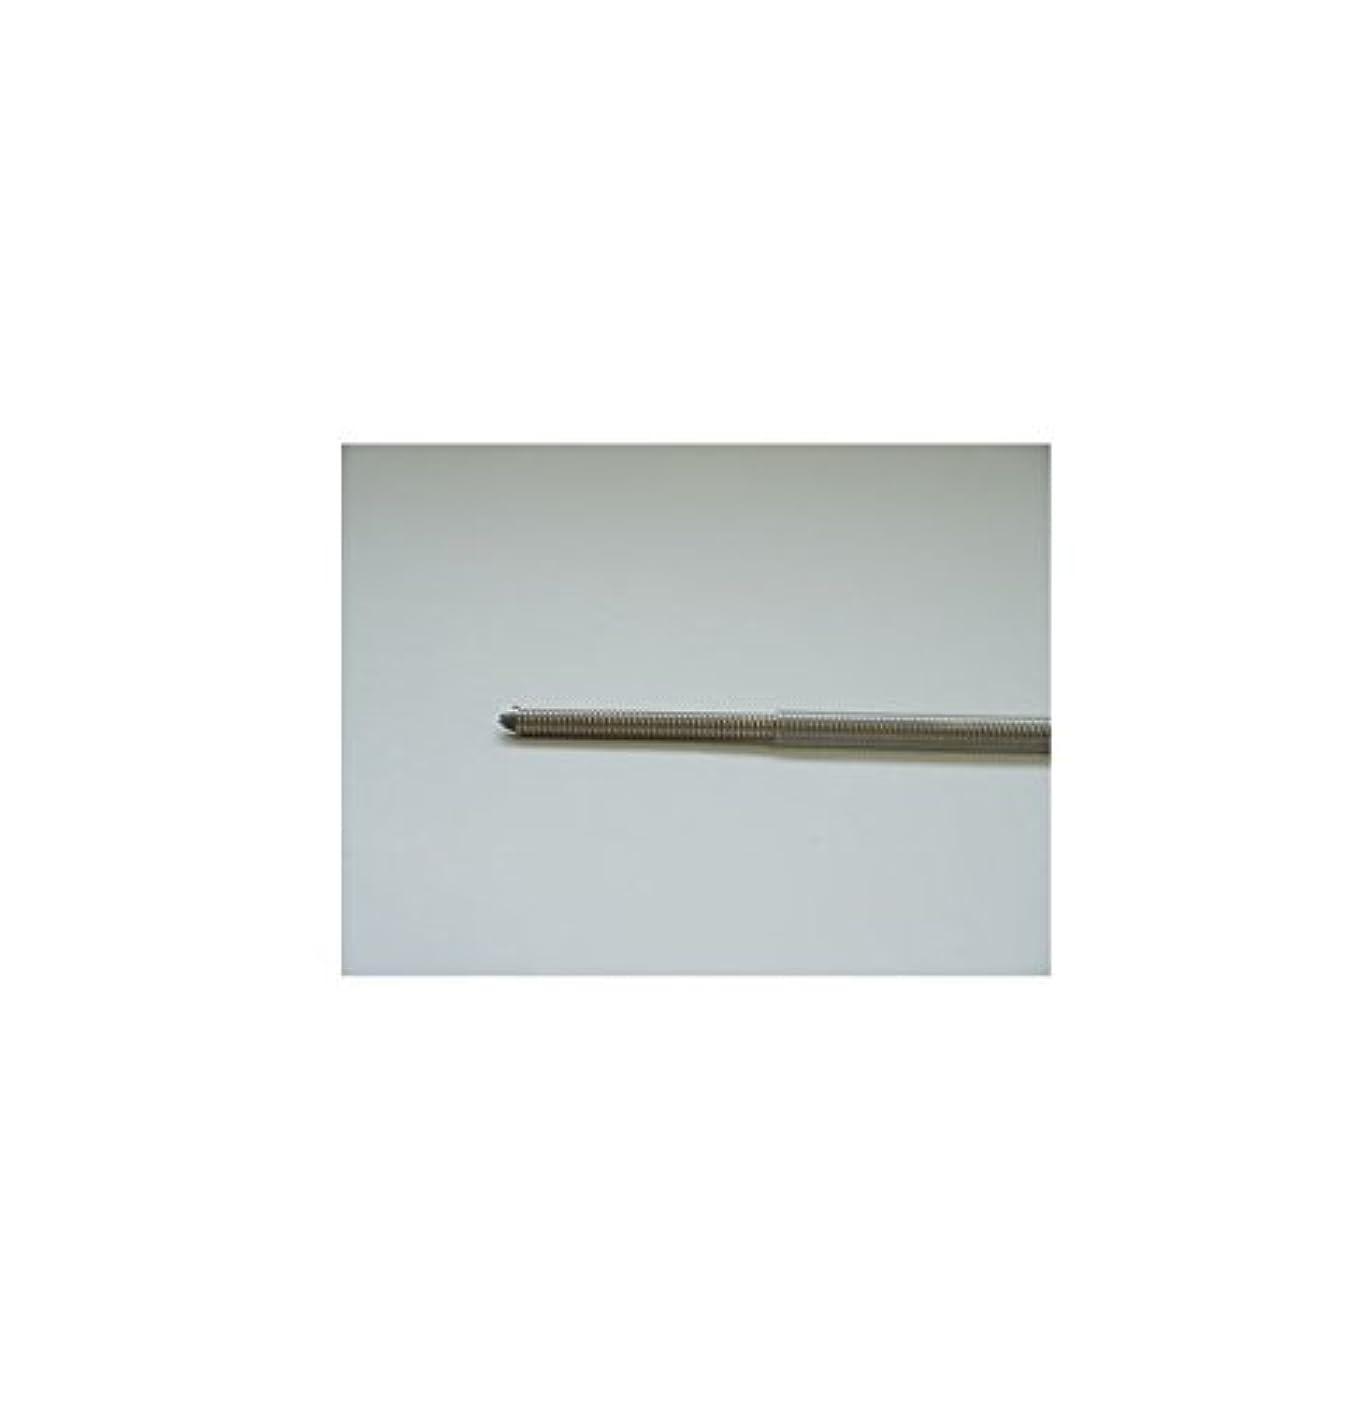 レルムドナウ川備品NISSEN CABLE CO,LTD(ニッセンケーブルカブシキガイシャ) ヴィンテージアウター ブレーキ用 ステン丸線タイプ 2m巻 クリアー